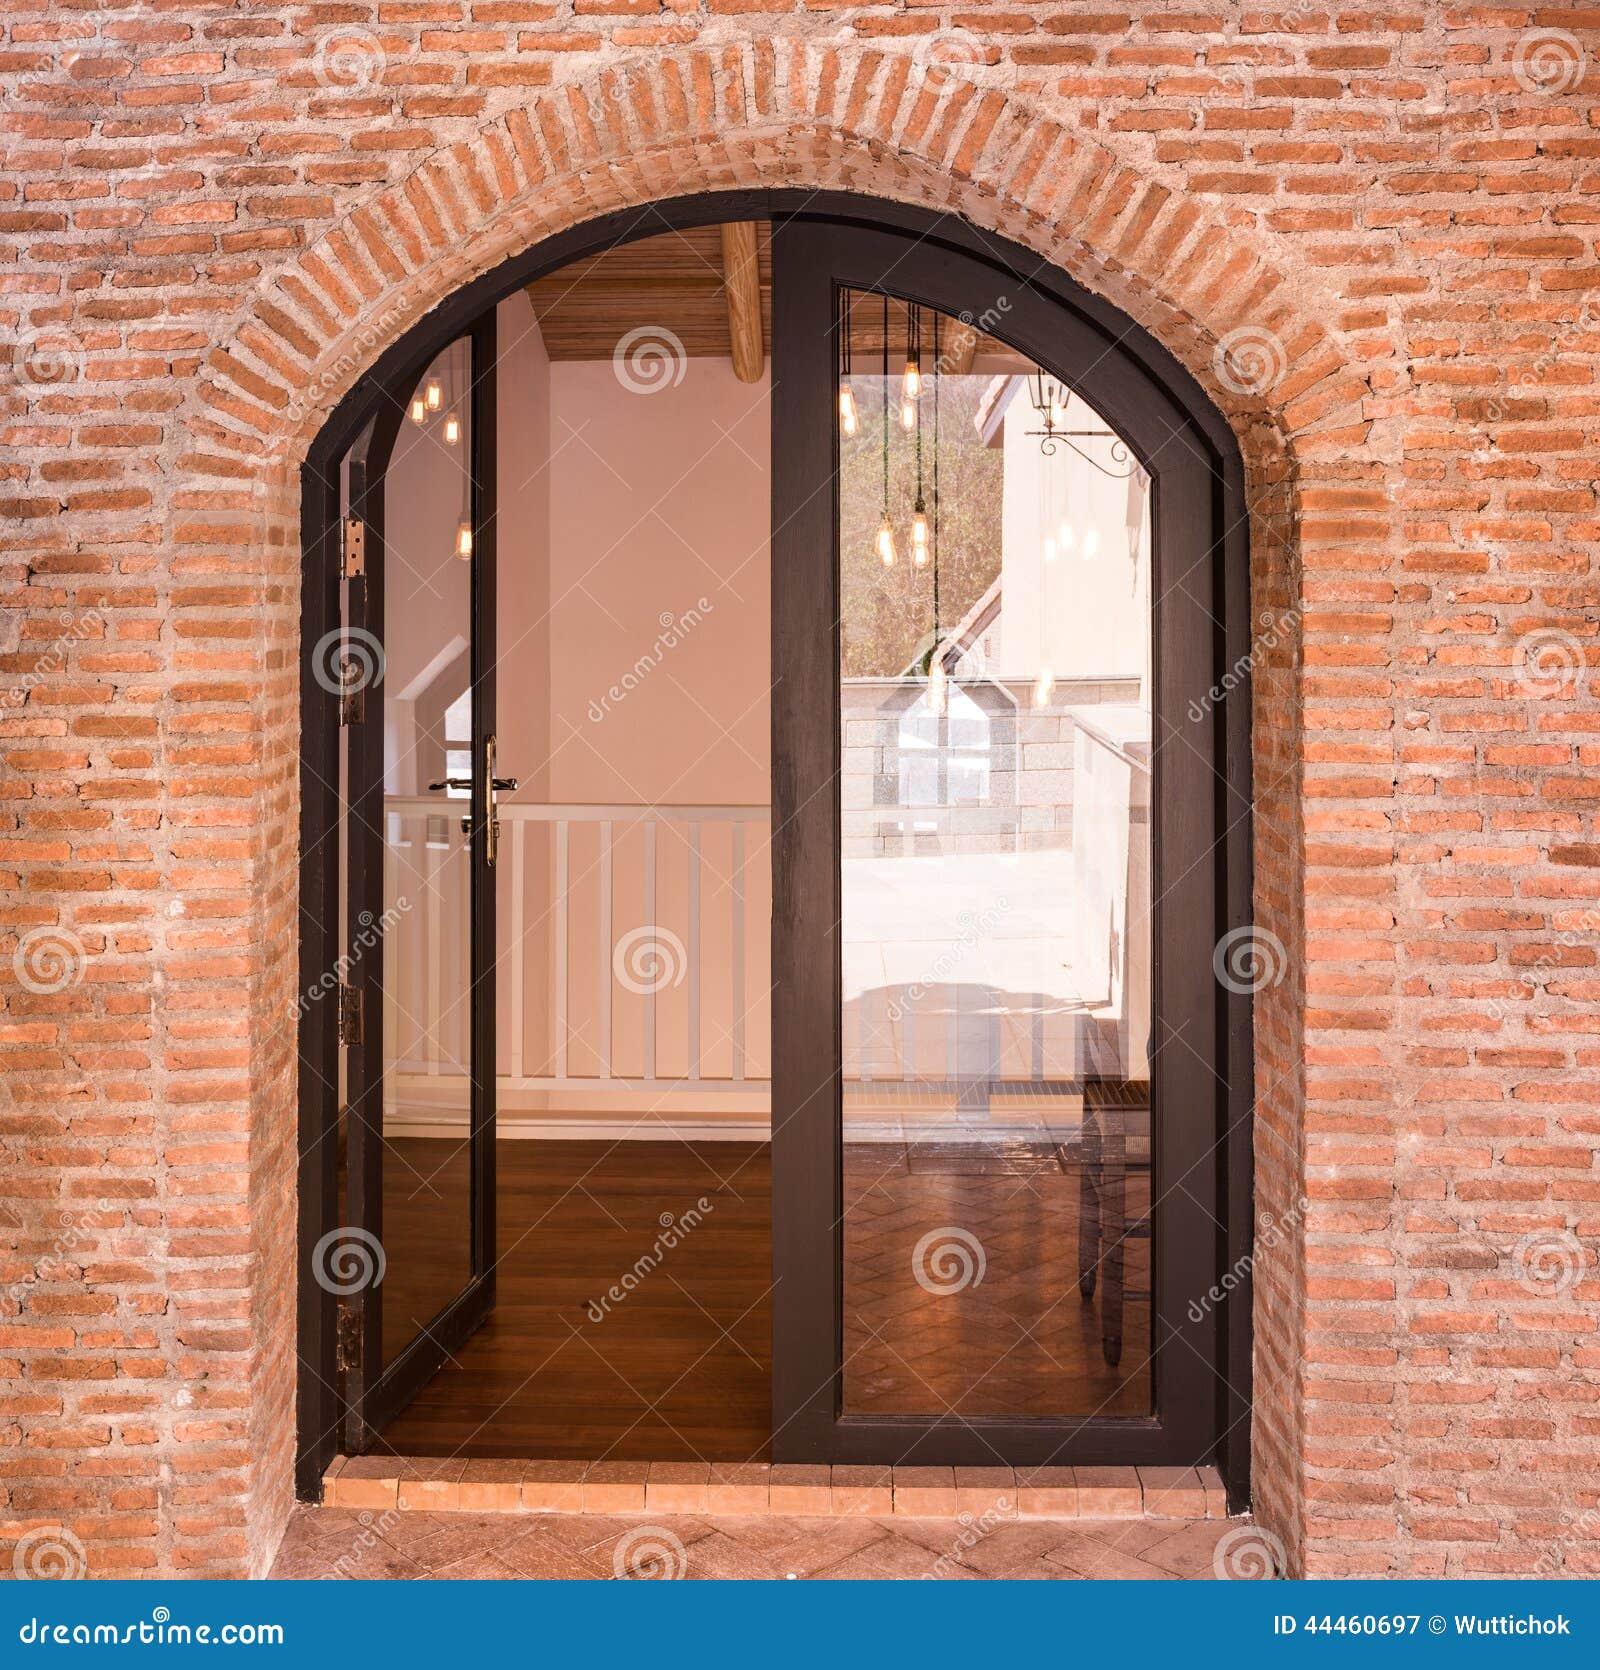 Arcos para puertas puertas y ventanas pvc con arco foto for Arcos de madera para puertas